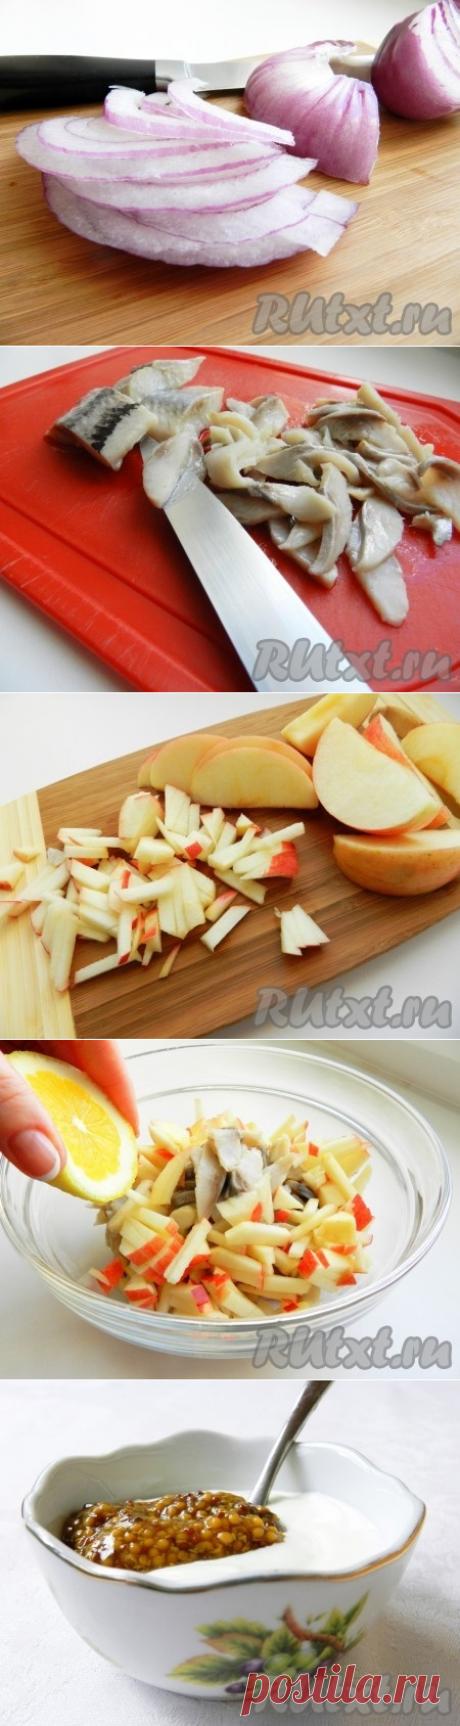 сельдь с яблоком и горчицей